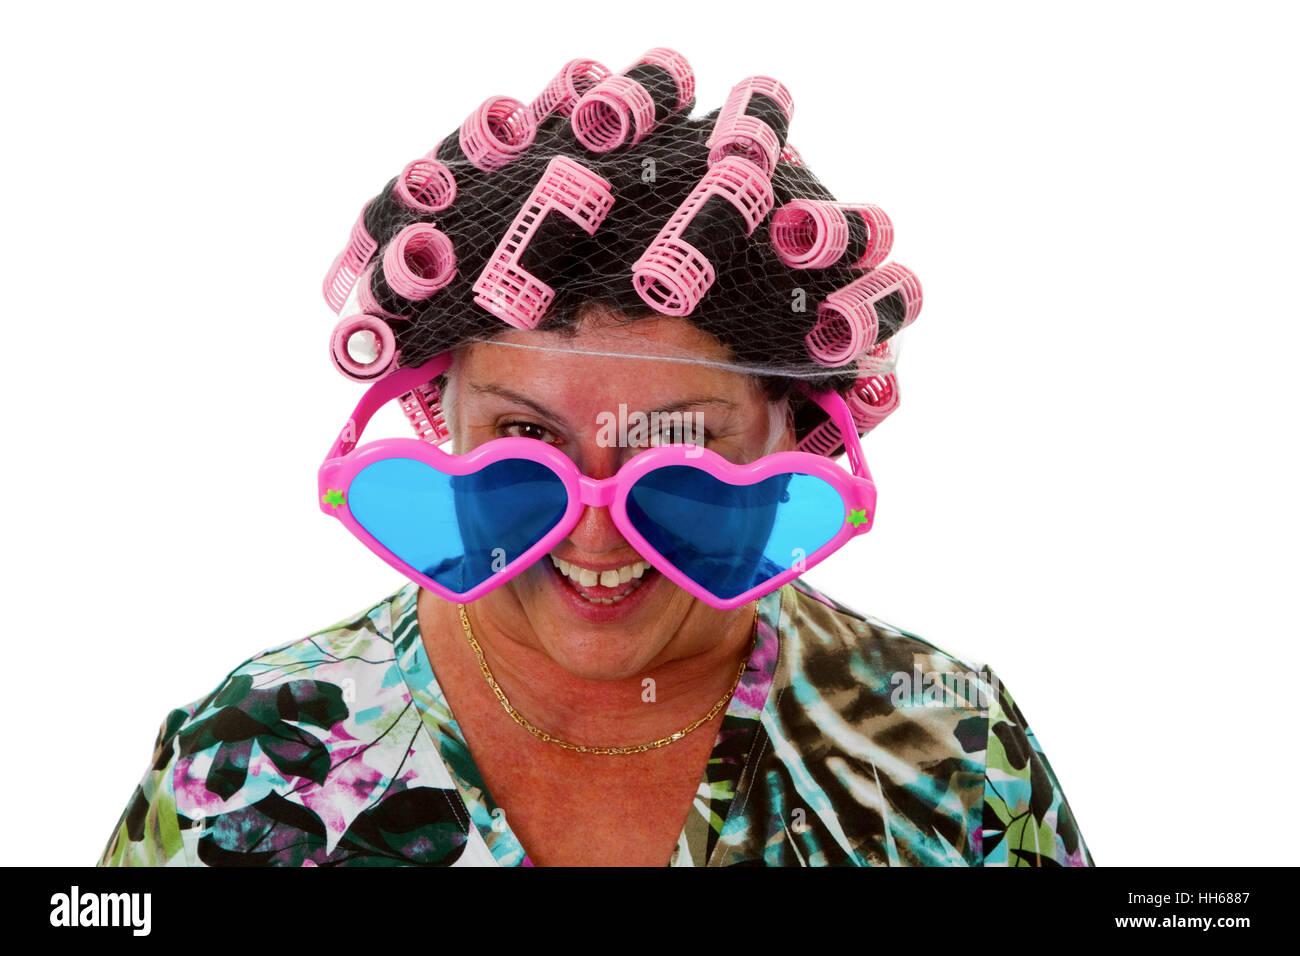 Senior féminine avec drôle avec perruque bigoudis- isolé sur fond blanc Photo Stock